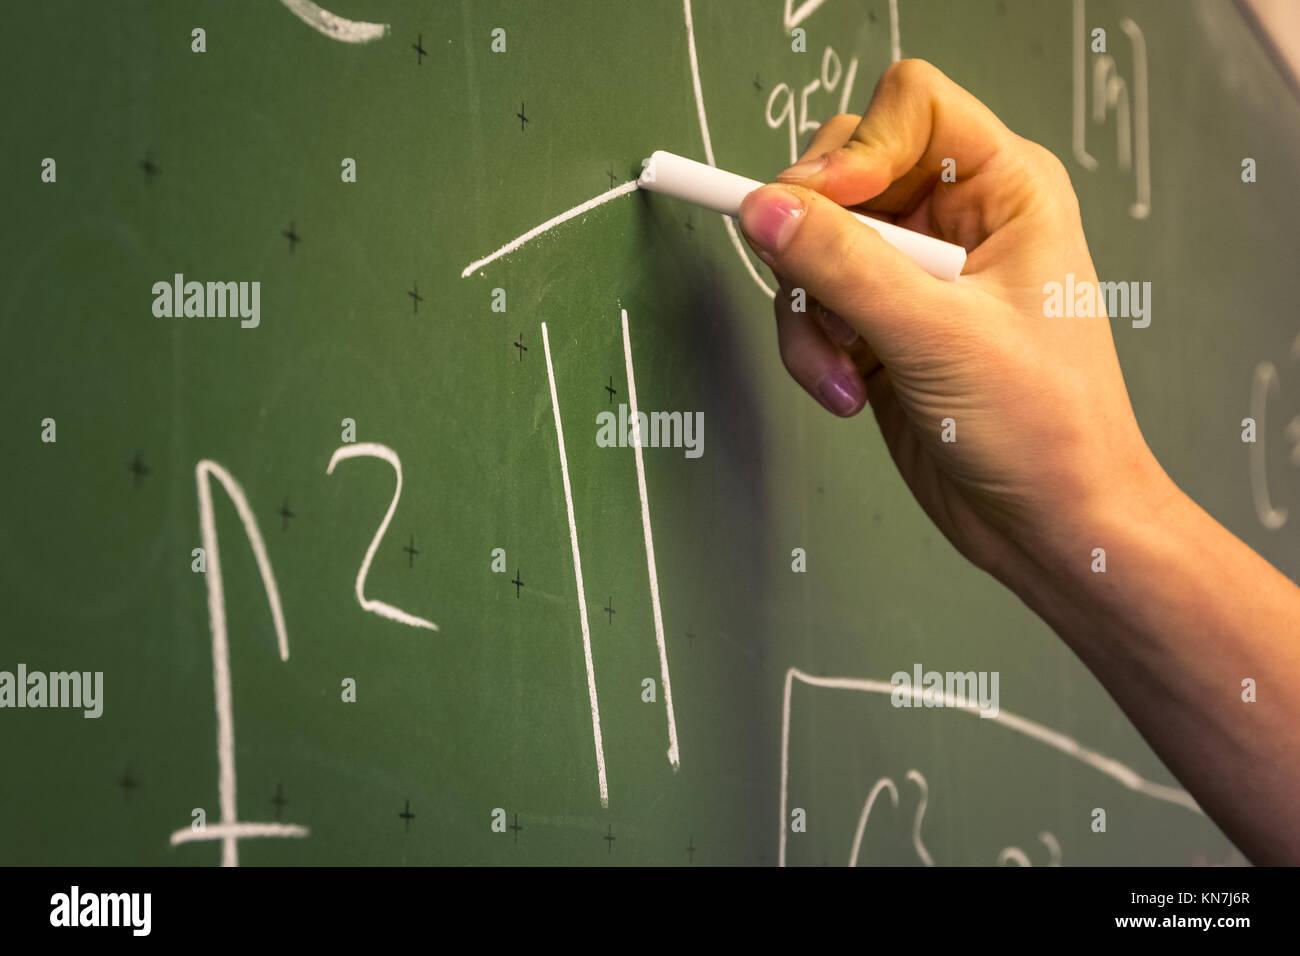 Weibliche Hand Lehrer Schreiben auf grüner Tafel Professor ...